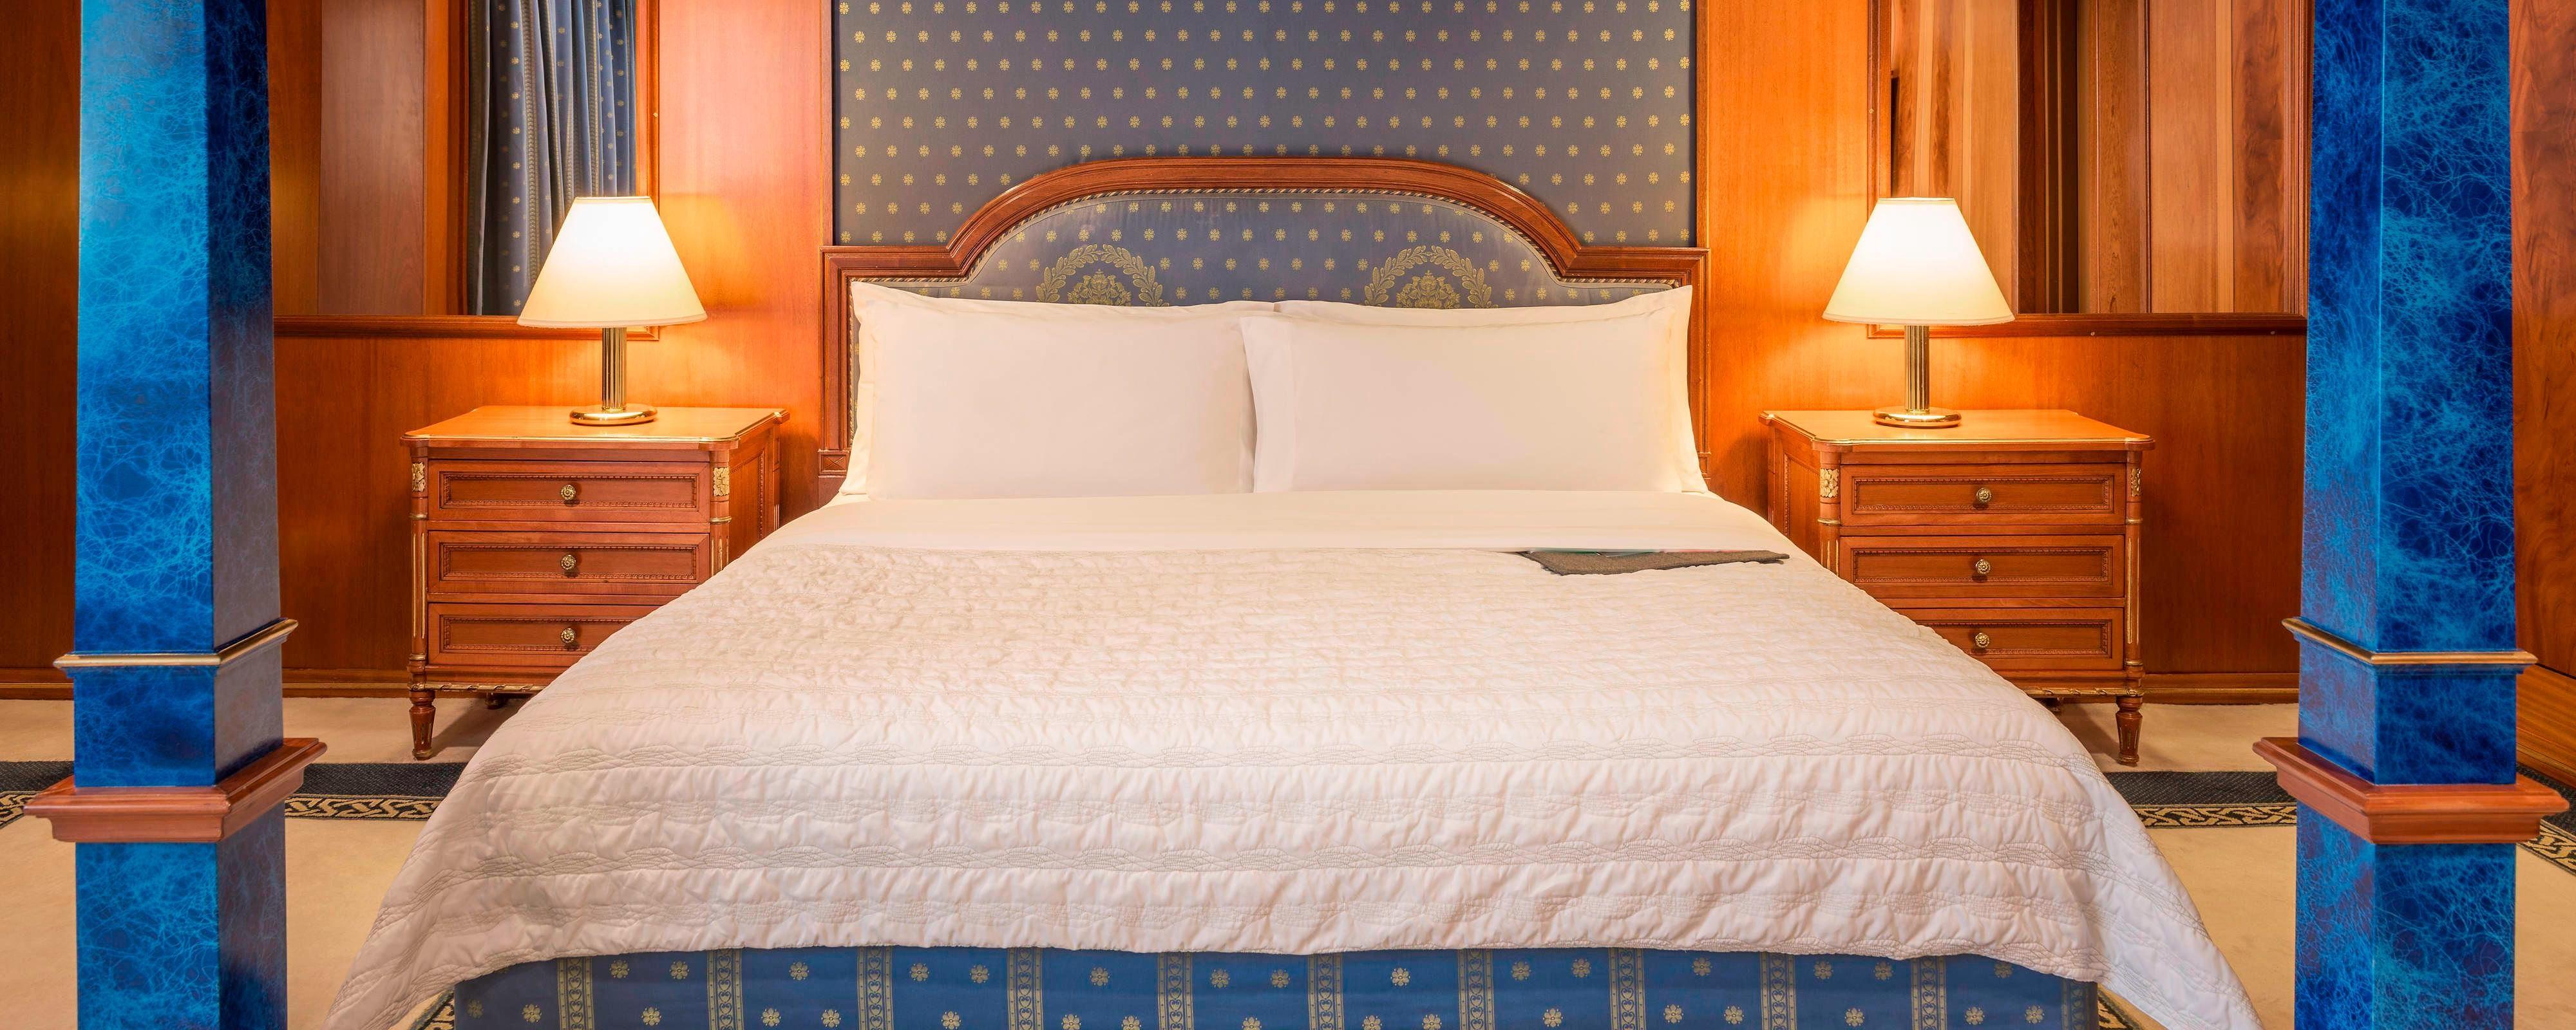 Le Ridien Dubai Hotel & Conference Centre - Spg